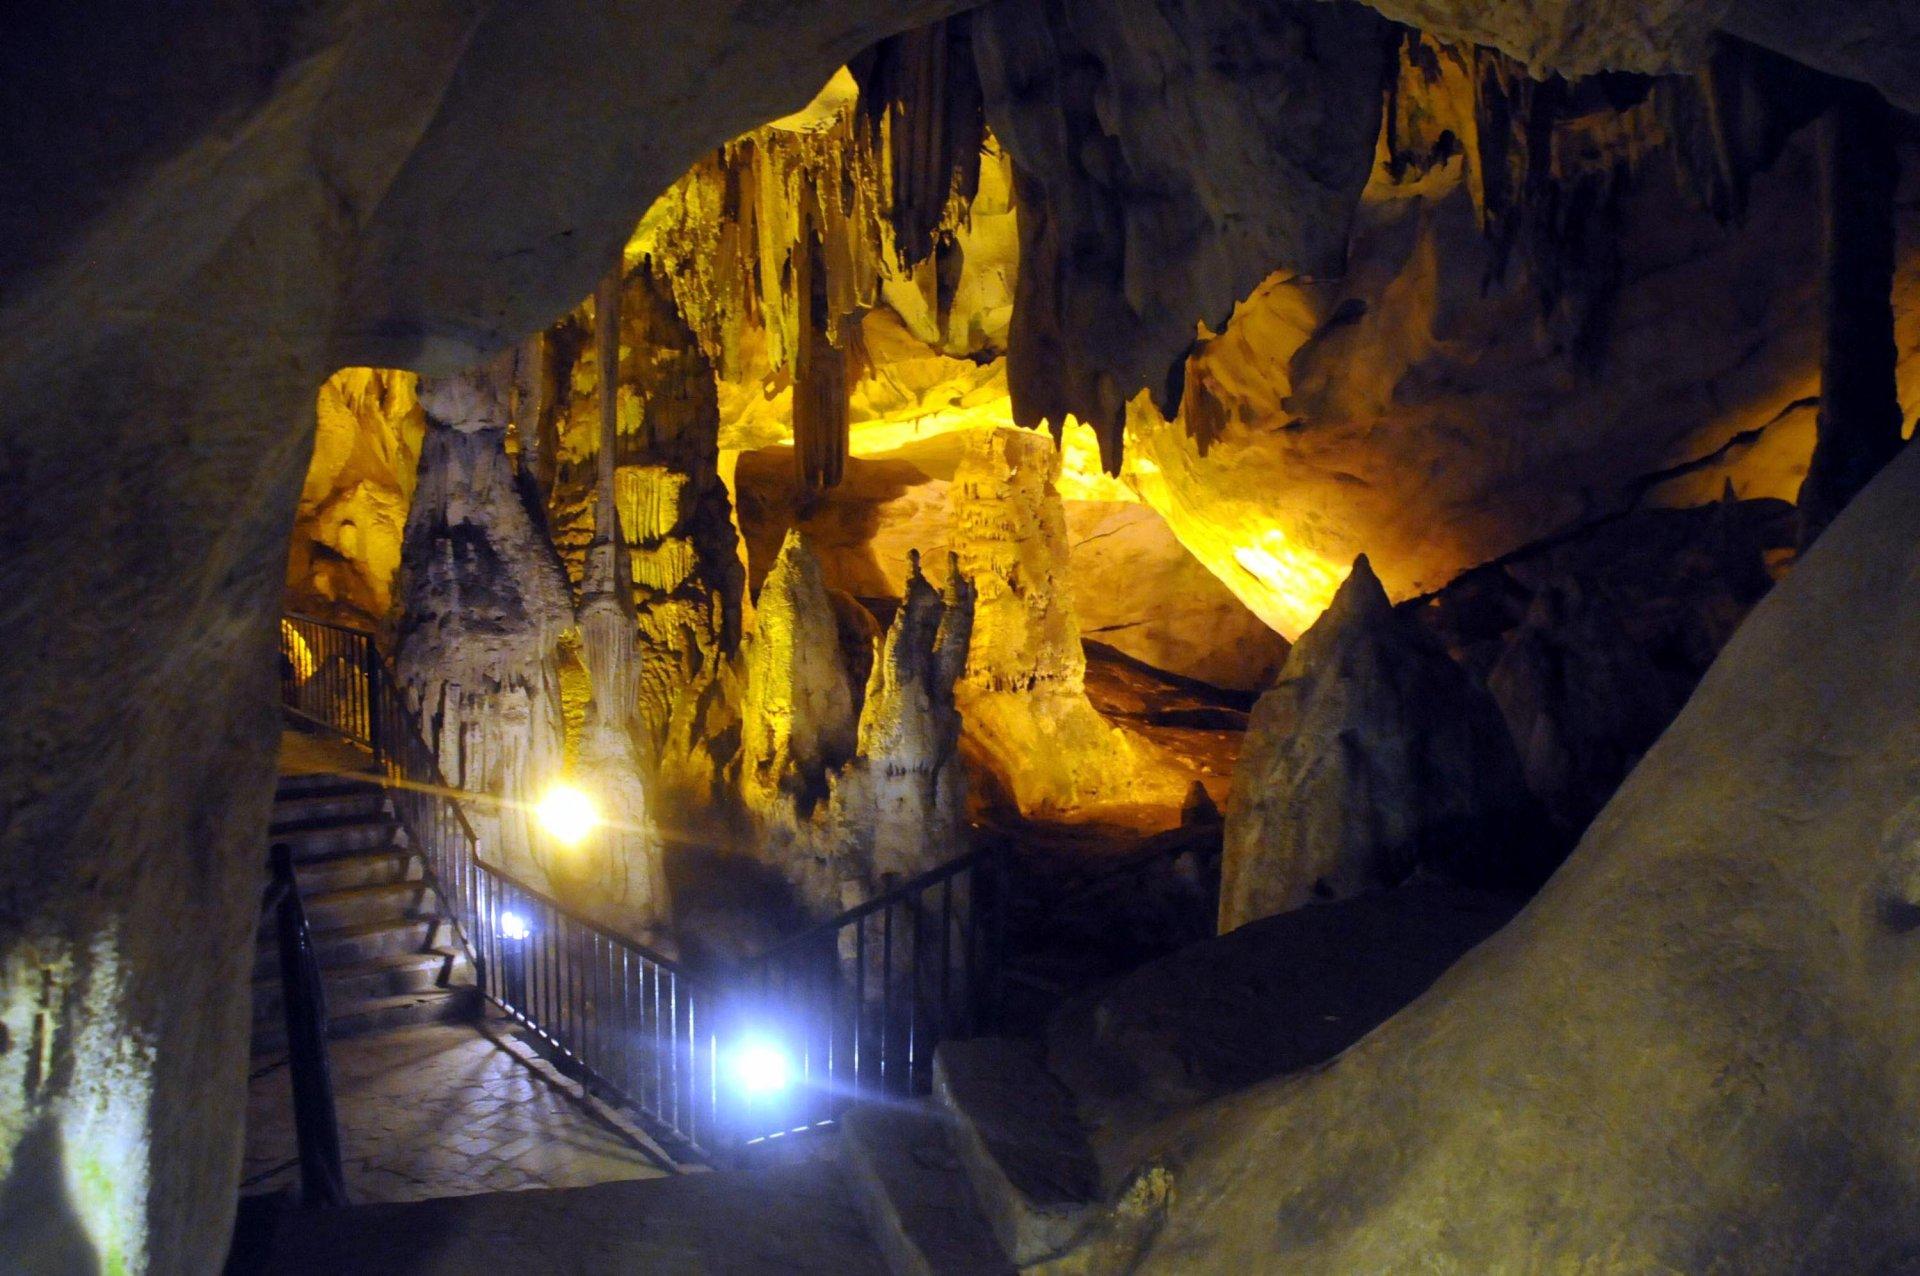 Bu hafta nereyi gezsek diyenlere / Kırklareli Dupnisa Mağarası